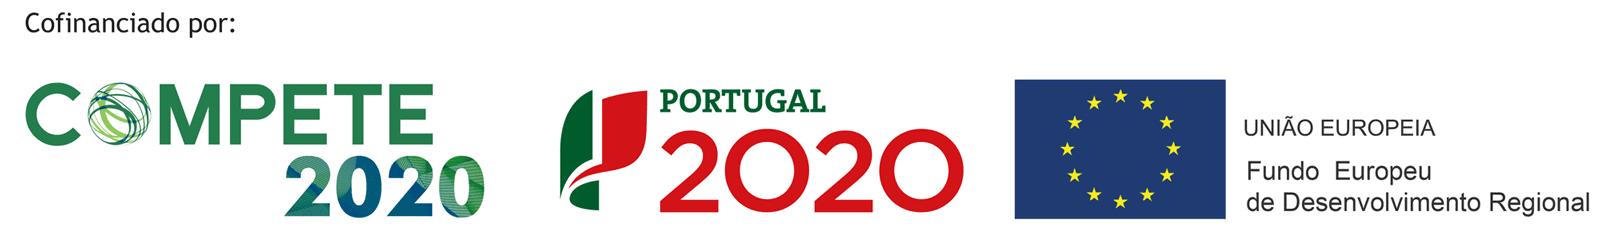 Compete 2020 - Portugal 2020 - Fundo Europeu de Desenvolvimento Regional